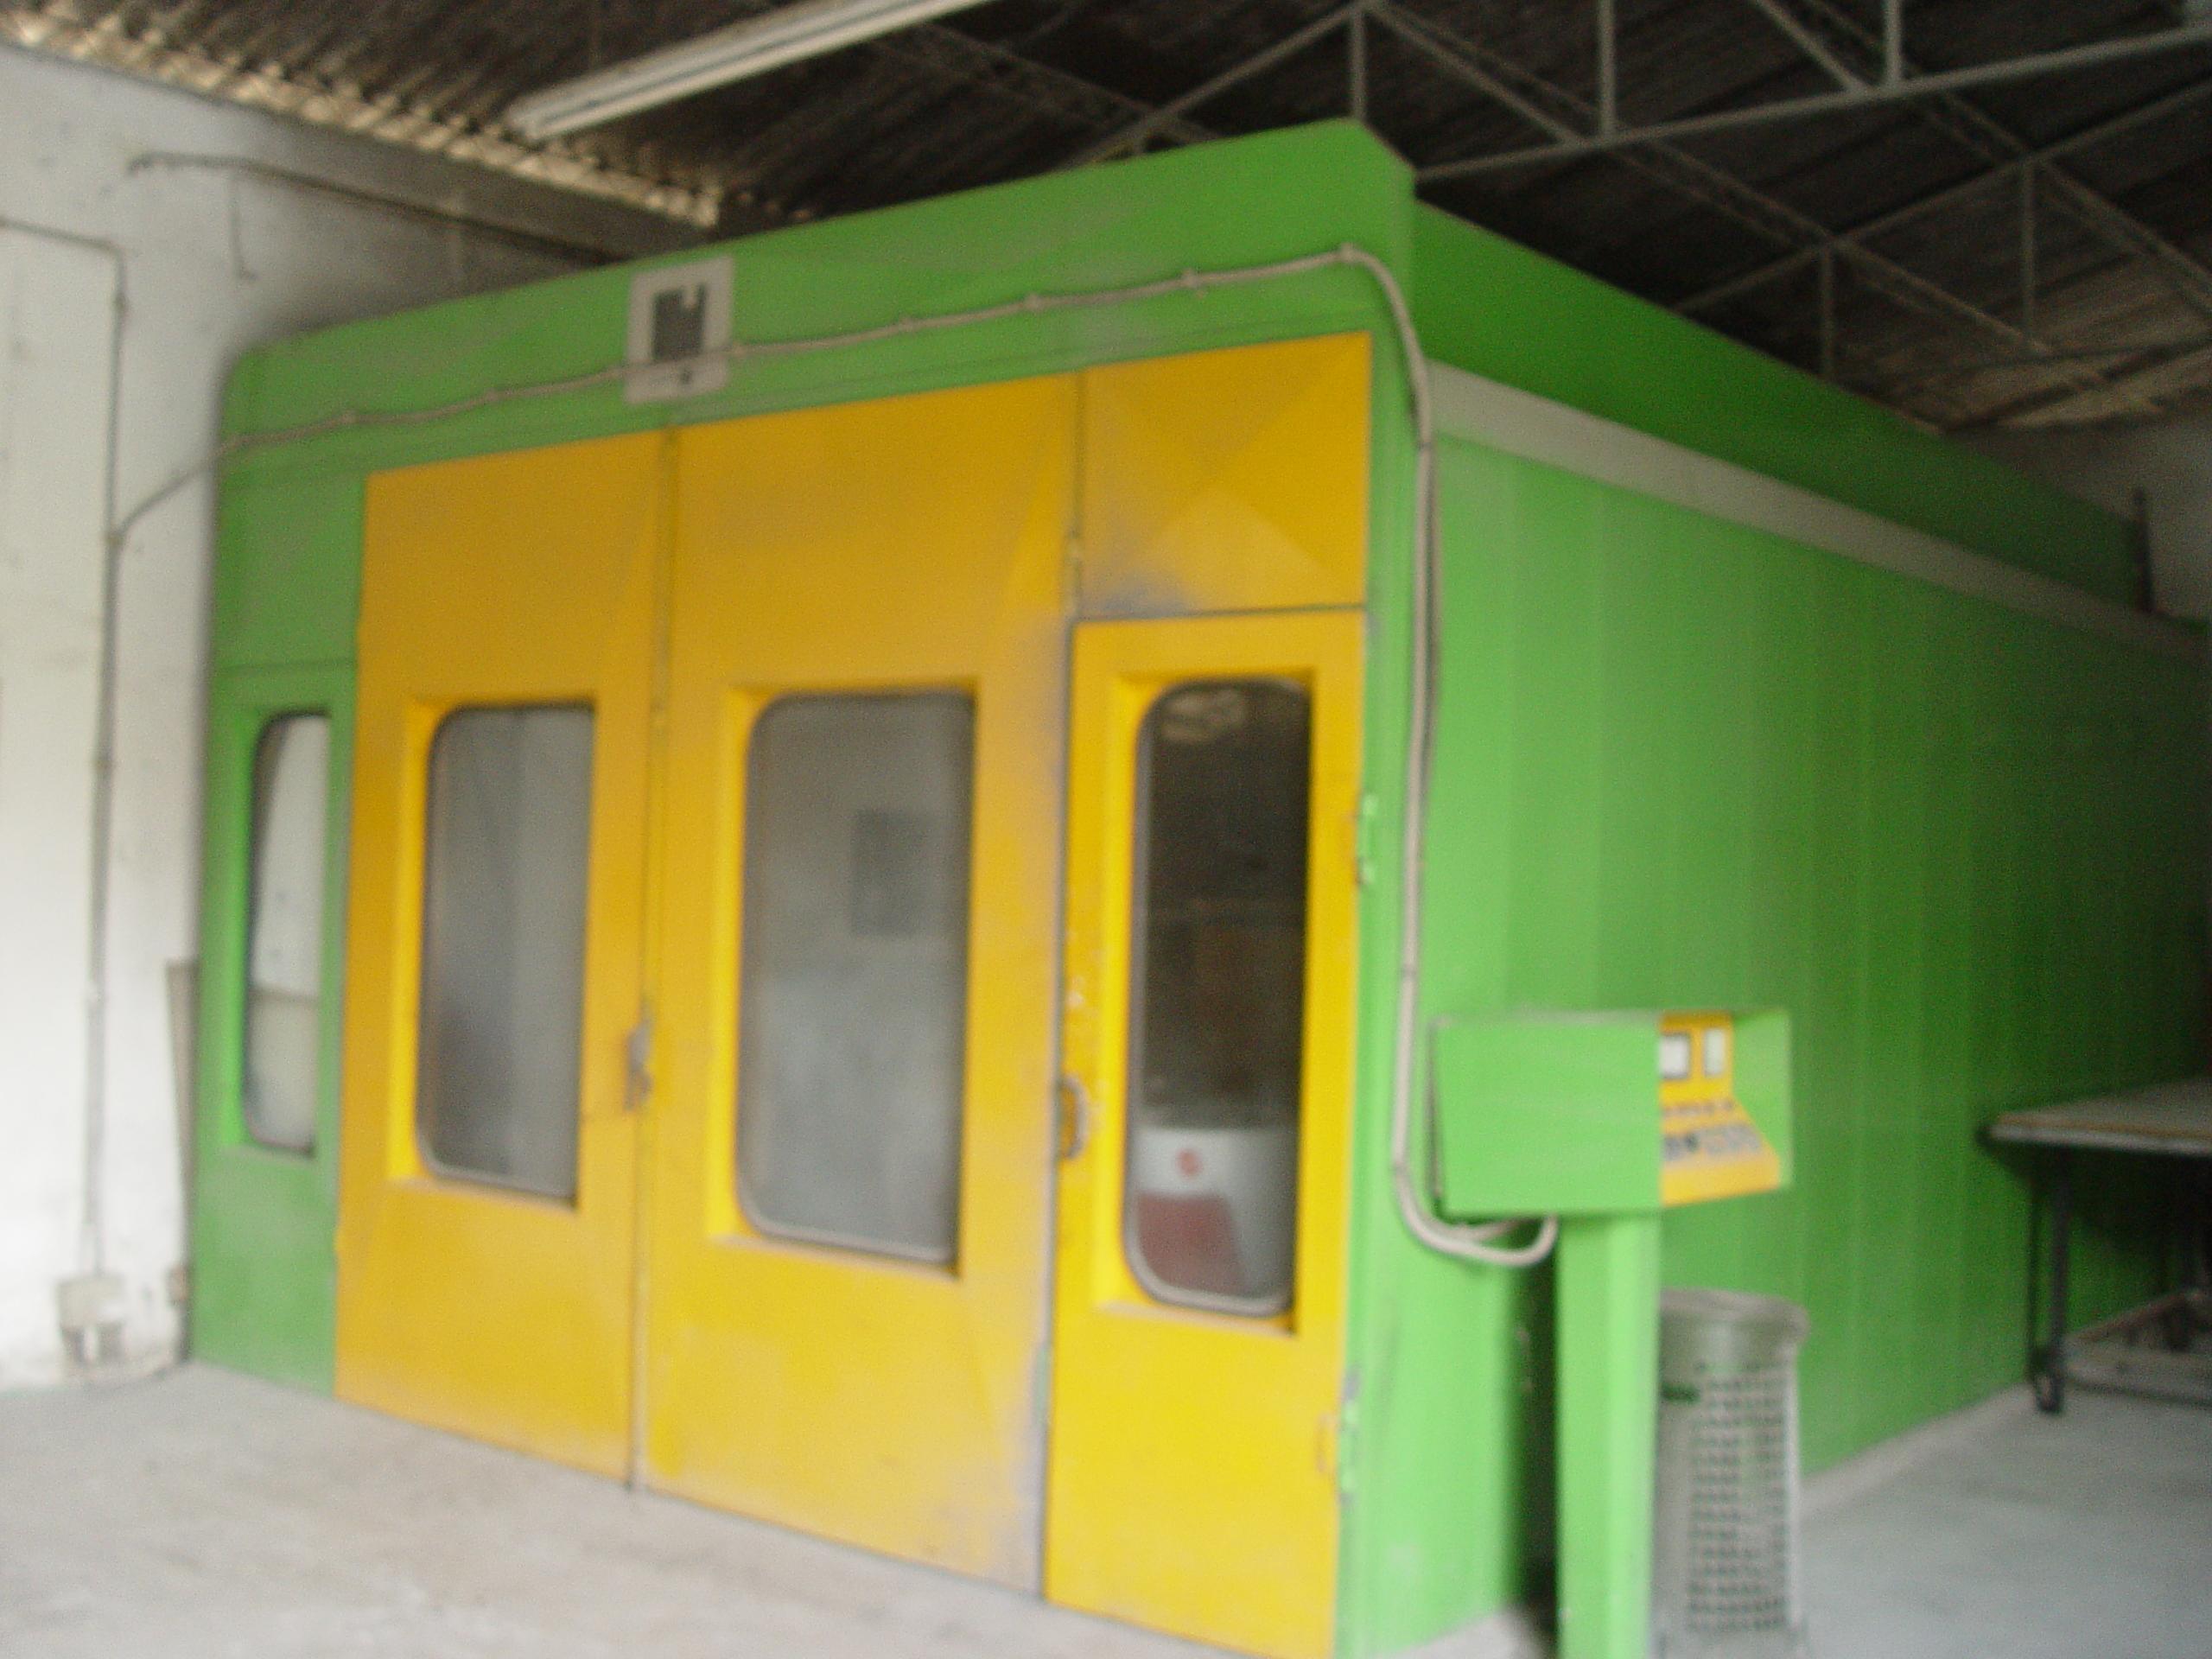 Cabina di verniciatura saeco 123456789 macchinari usati for Affitti di cabina okanagan bc